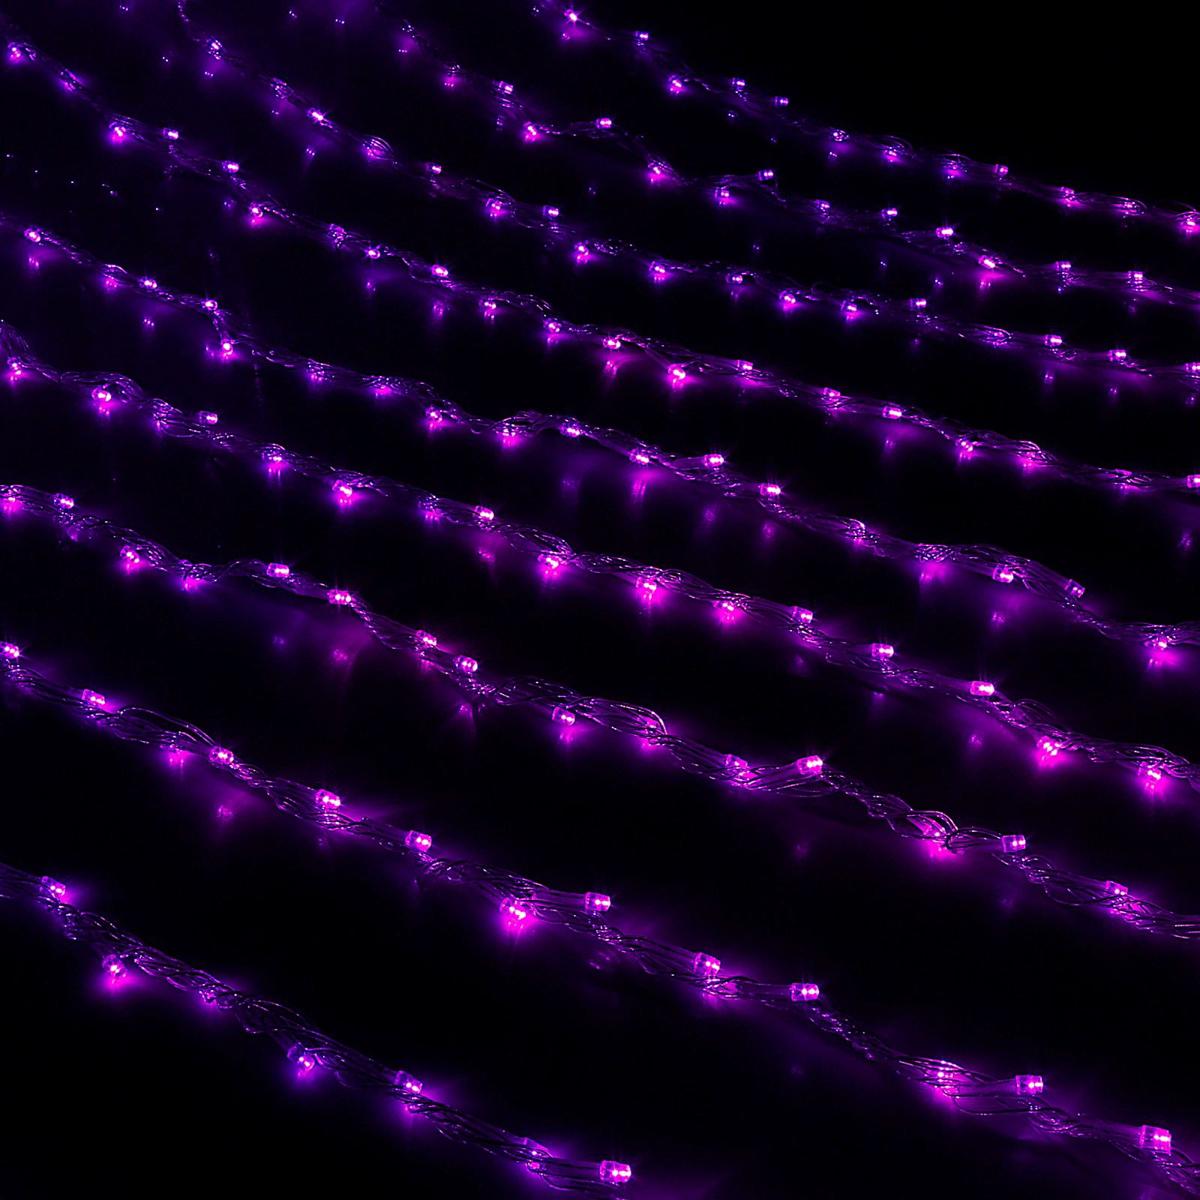 Гирлянда светодиодная Luazon Дождь, цвет: фиолетовый, 400 ламп, 8 режимов, 220 V, 2 х 1,5 м. 187188187188Светодиодные гирлянды и ленты — это отличный вариант для новогоднего оформления интерьера или фасада. С их помощью помещение любого размера можно превратить в праздничный зал, а внешние элементы зданий, украшенные ими, мгновенно станут напоминать очертания сказочного дворца. Такие украшения создают ауру предвкушения чуда. Деревья, фасады, витрины, окна и арки будто специально созданы, чтобы вы украсили их светящимися нитями.